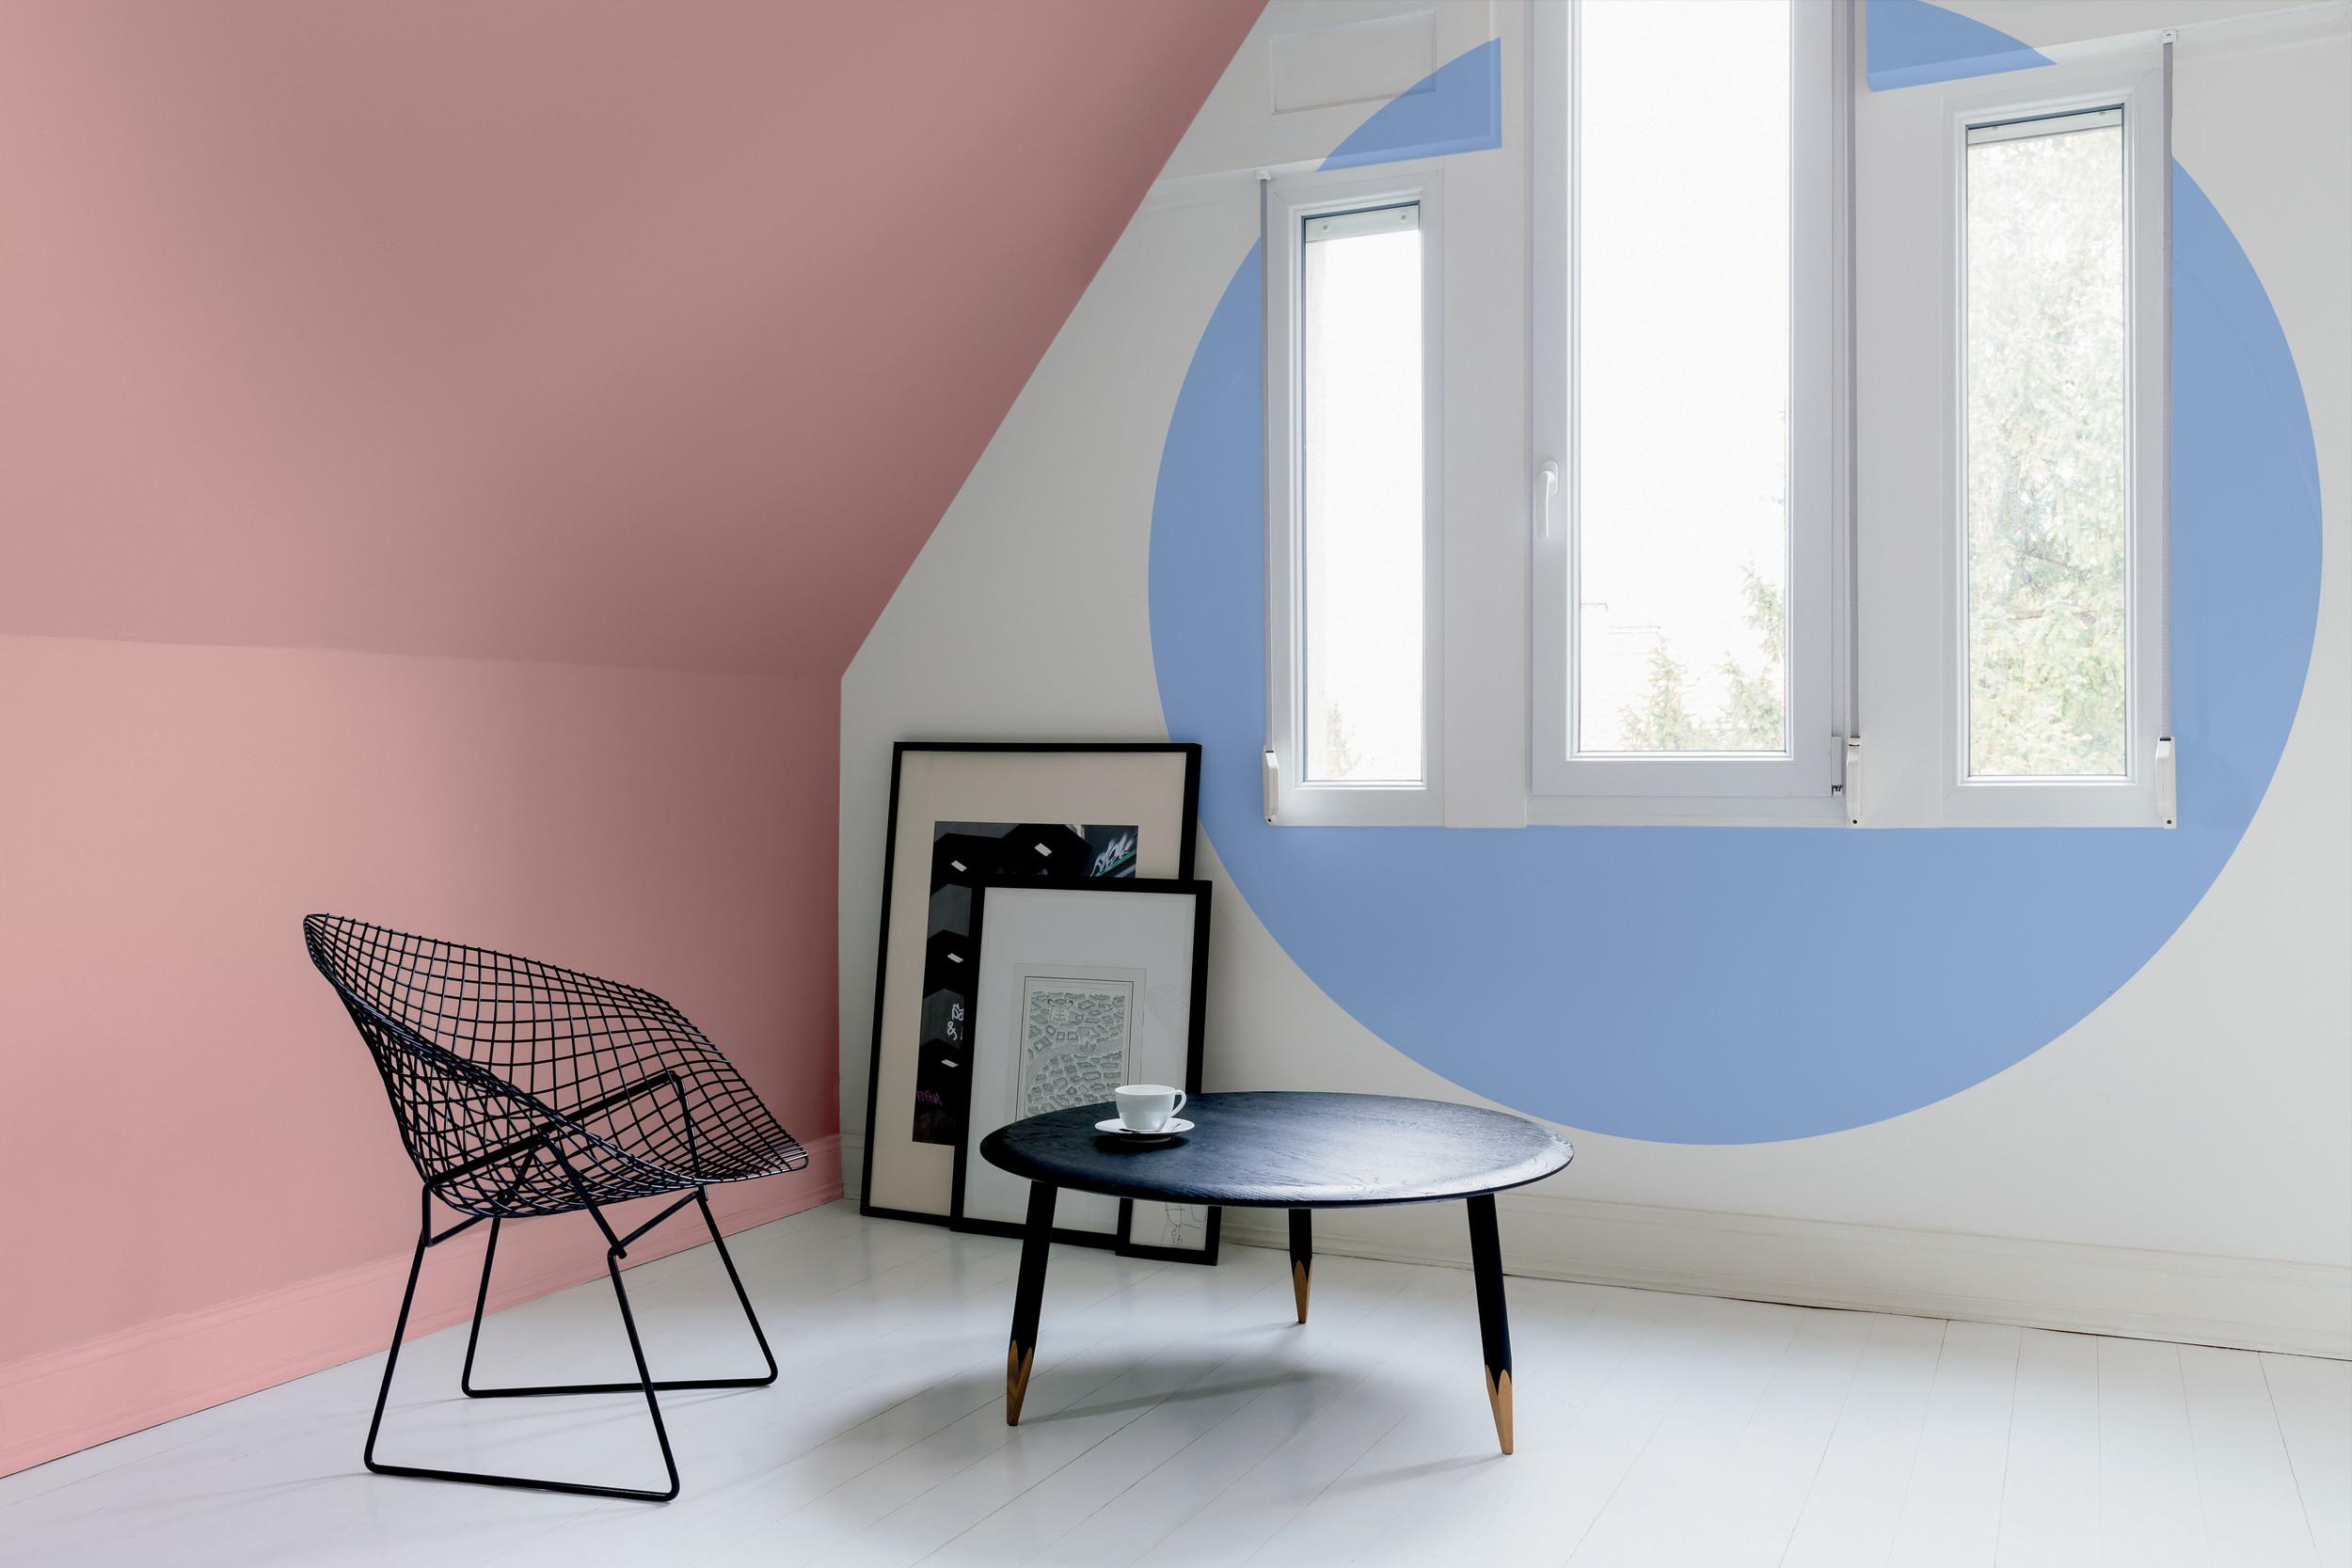 10209258-les-couleurs-pantone-de-l-annee-2016-sont-rose-quartz-et-serenity-2.jpg